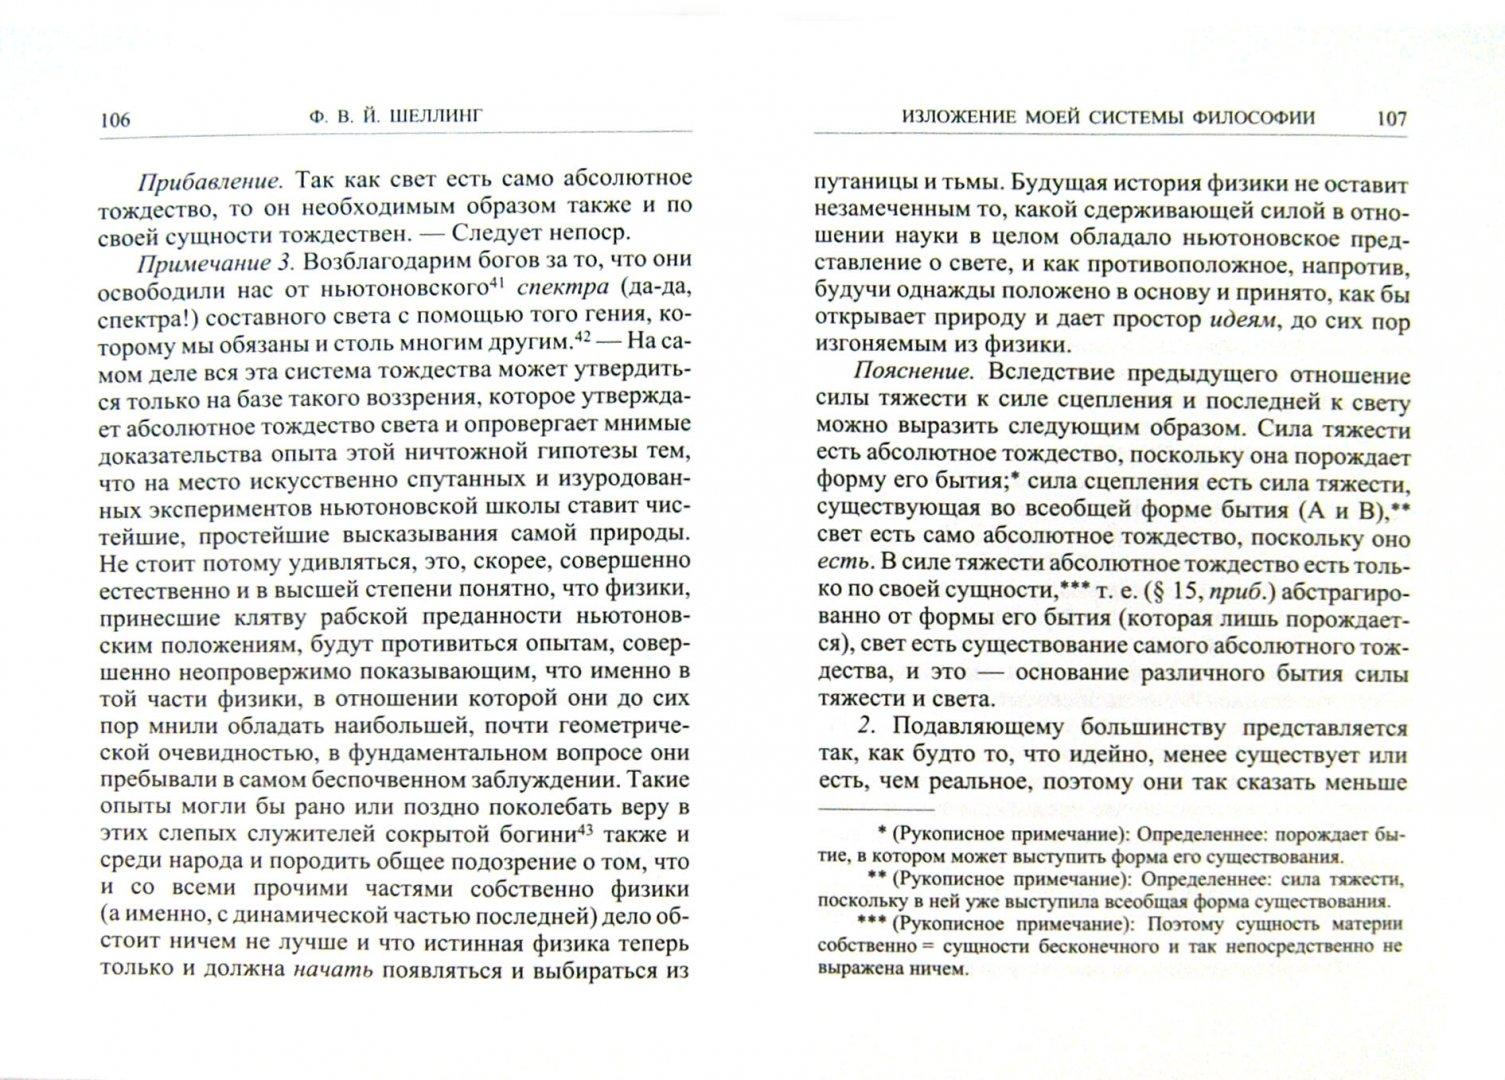 Иллюстрация 1 из 35 для Изложение моей системы философии - Шеллинг Фридрих Вильгельм Йозеф | Лабиринт - книги. Источник: Лабиринт